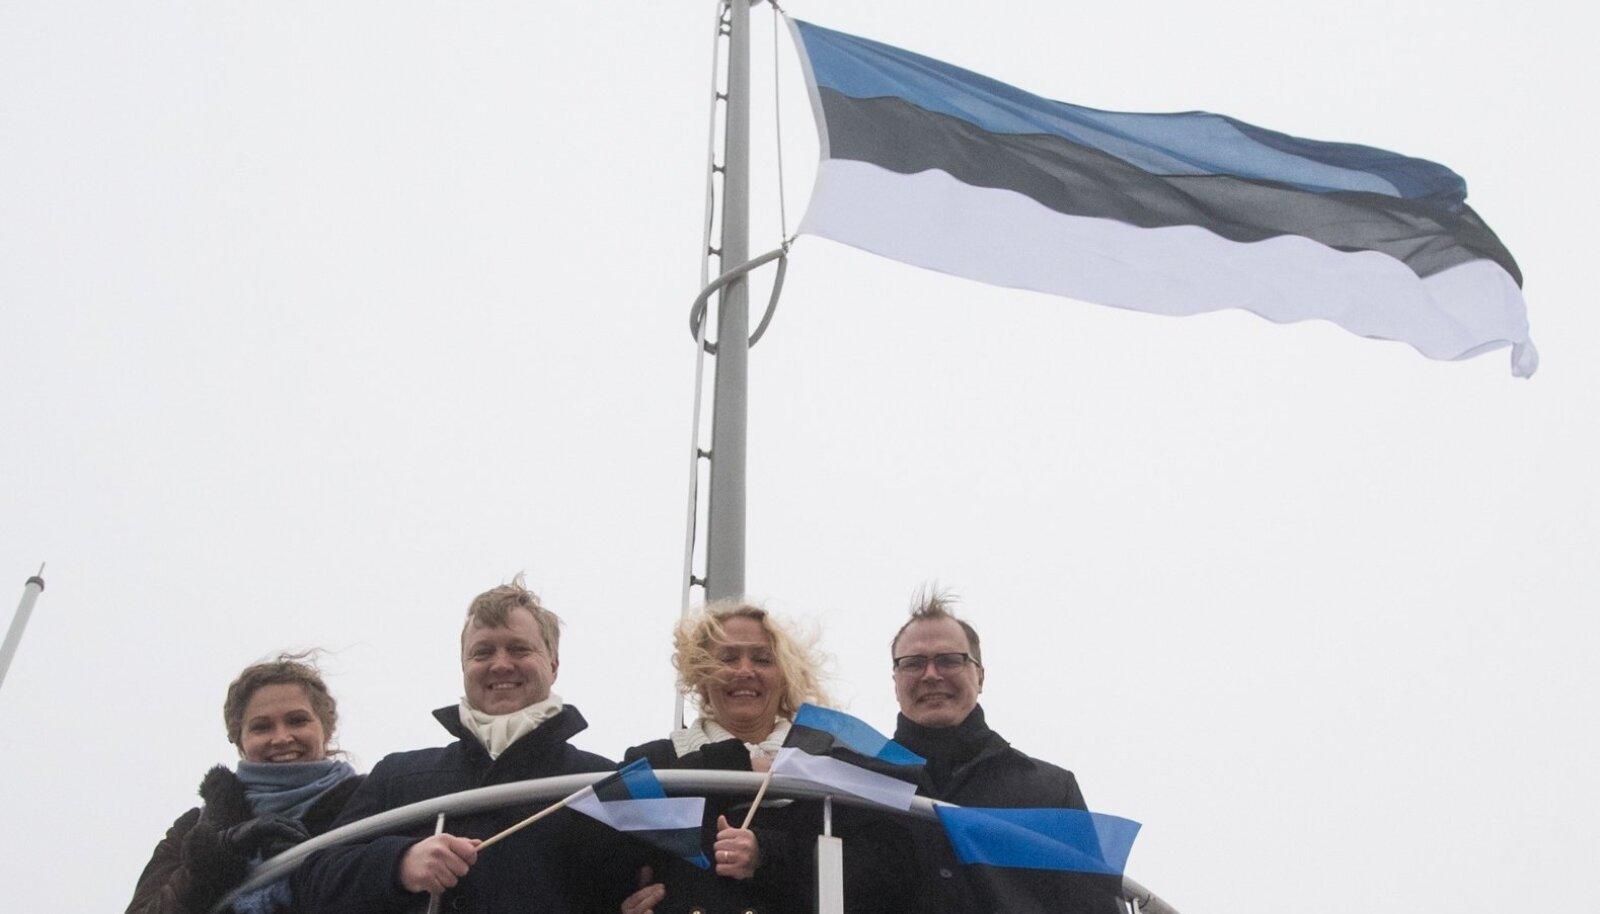 Sinimustvalge lipu heiskamise 30. aastapäeval tegid toonased neli noort koorilauljat Pika Hermanni tipus samasuguse pildi.